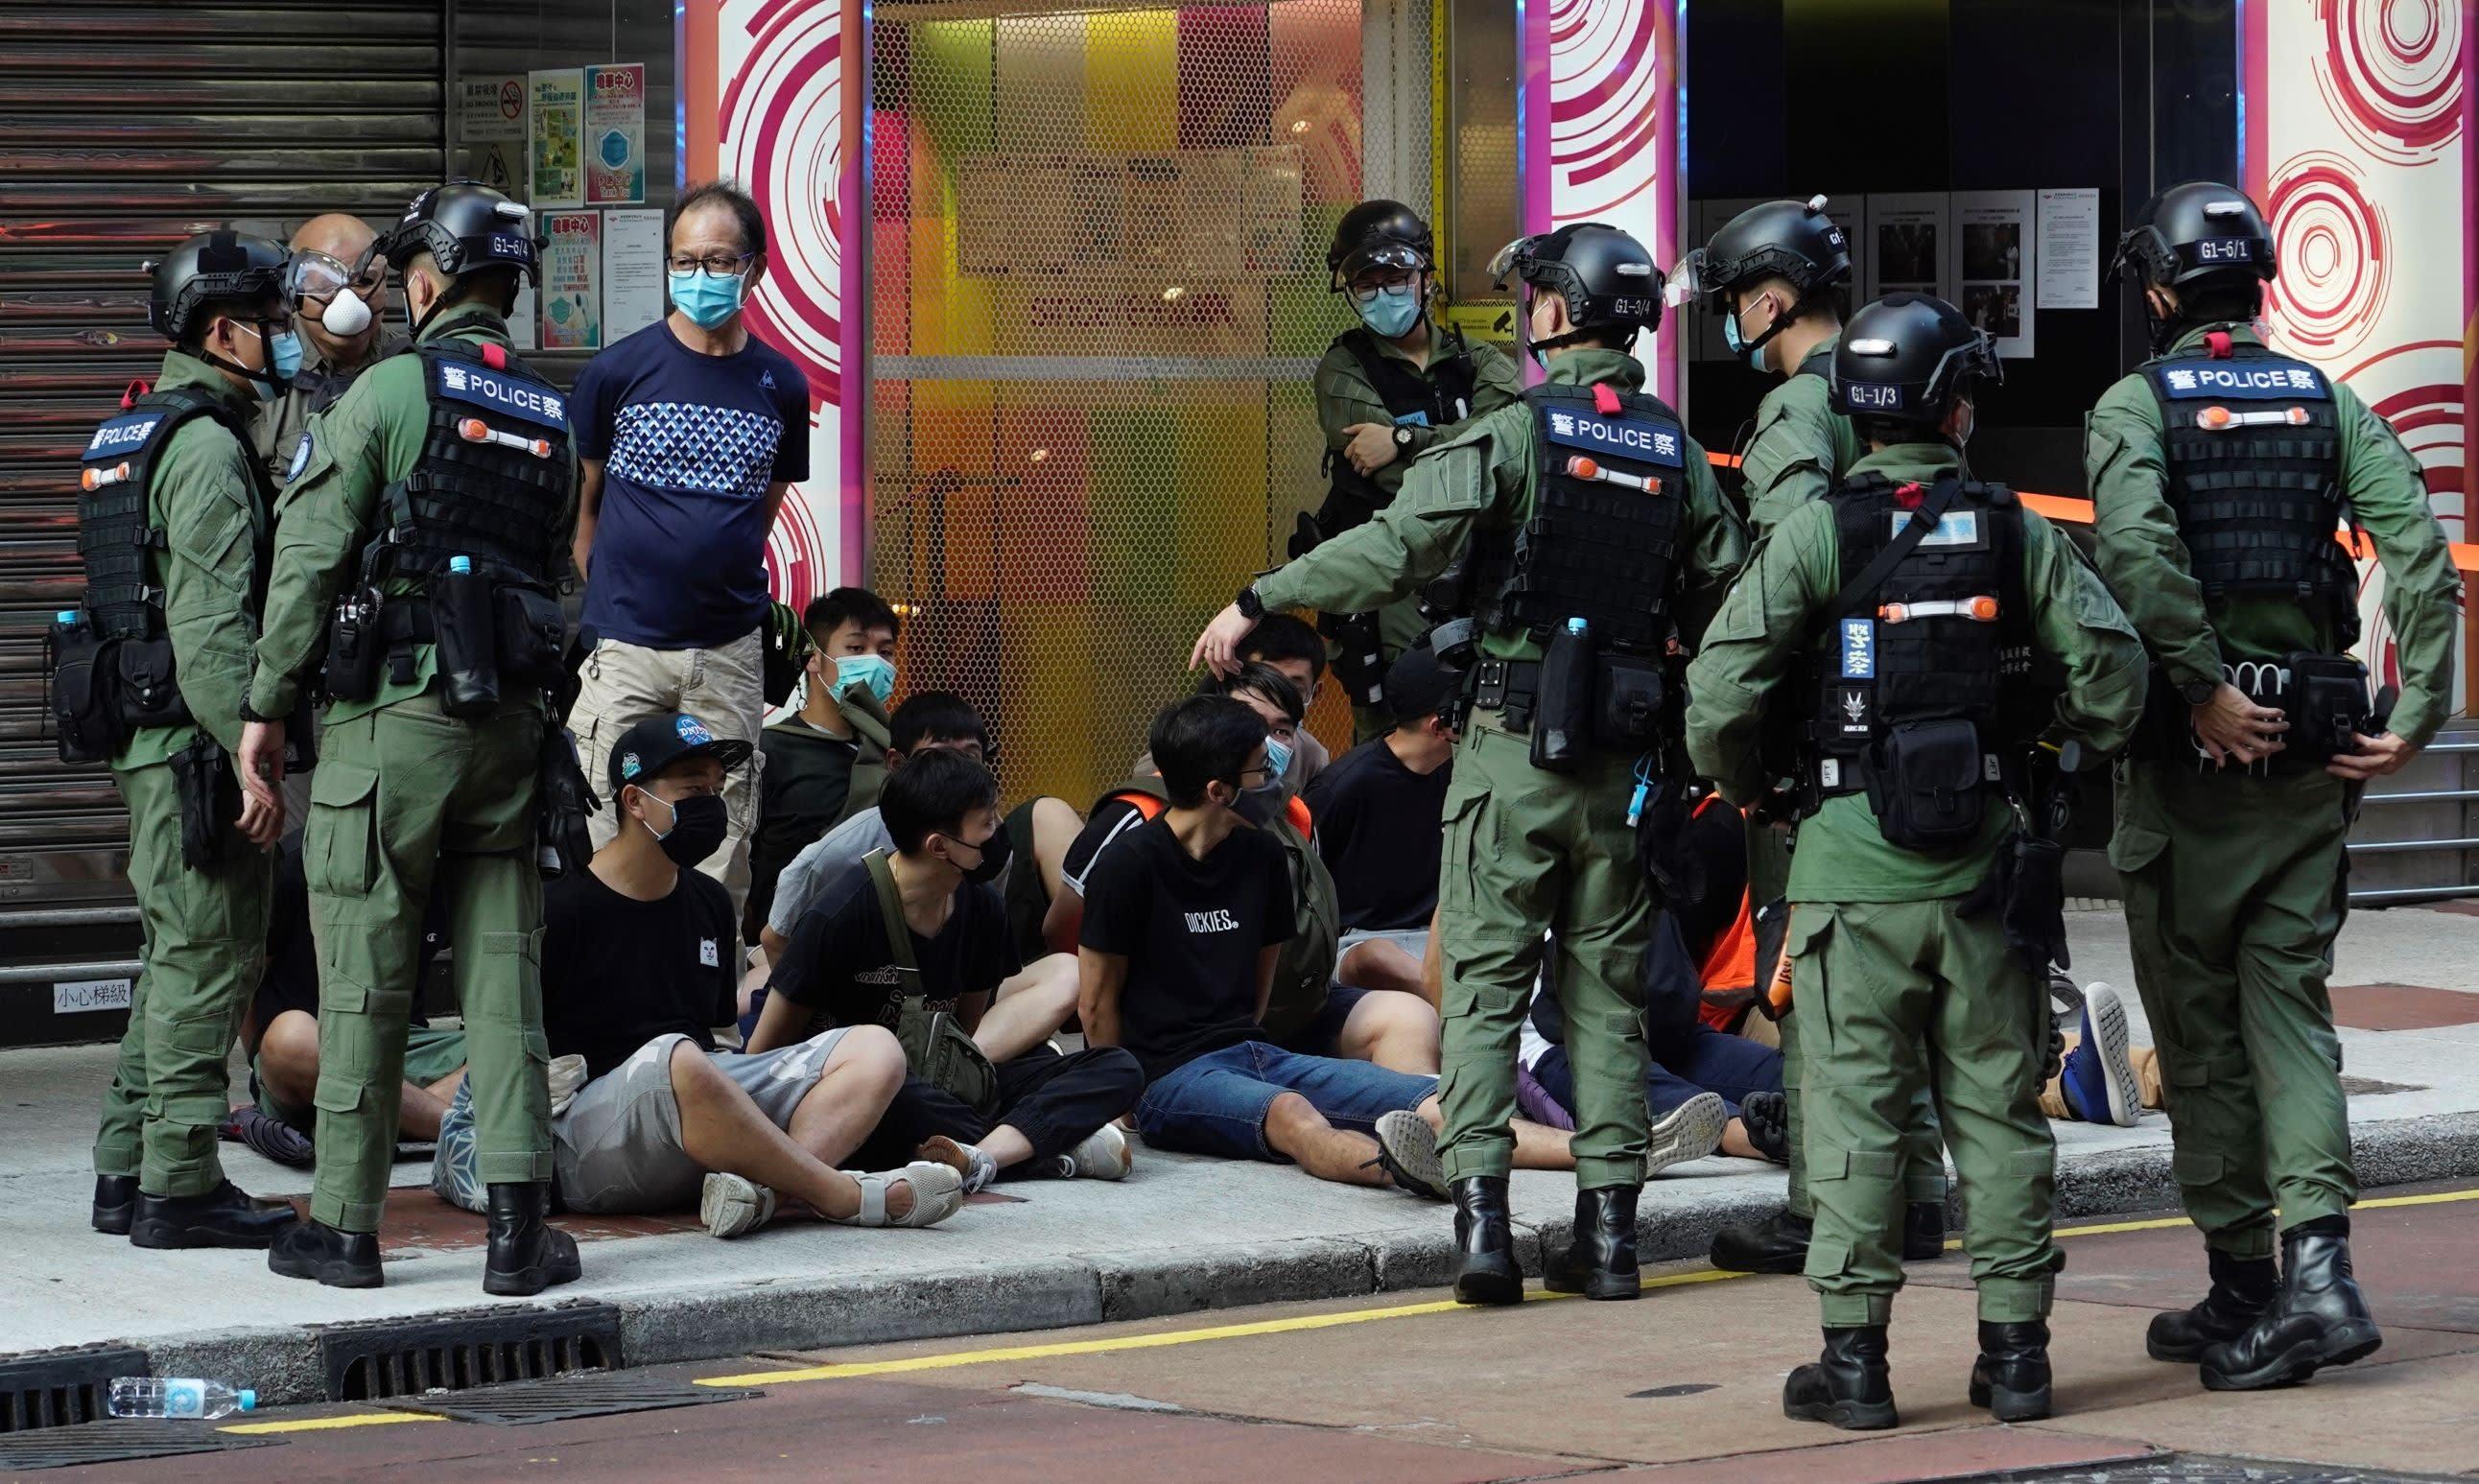 Hong Kong: a market divided